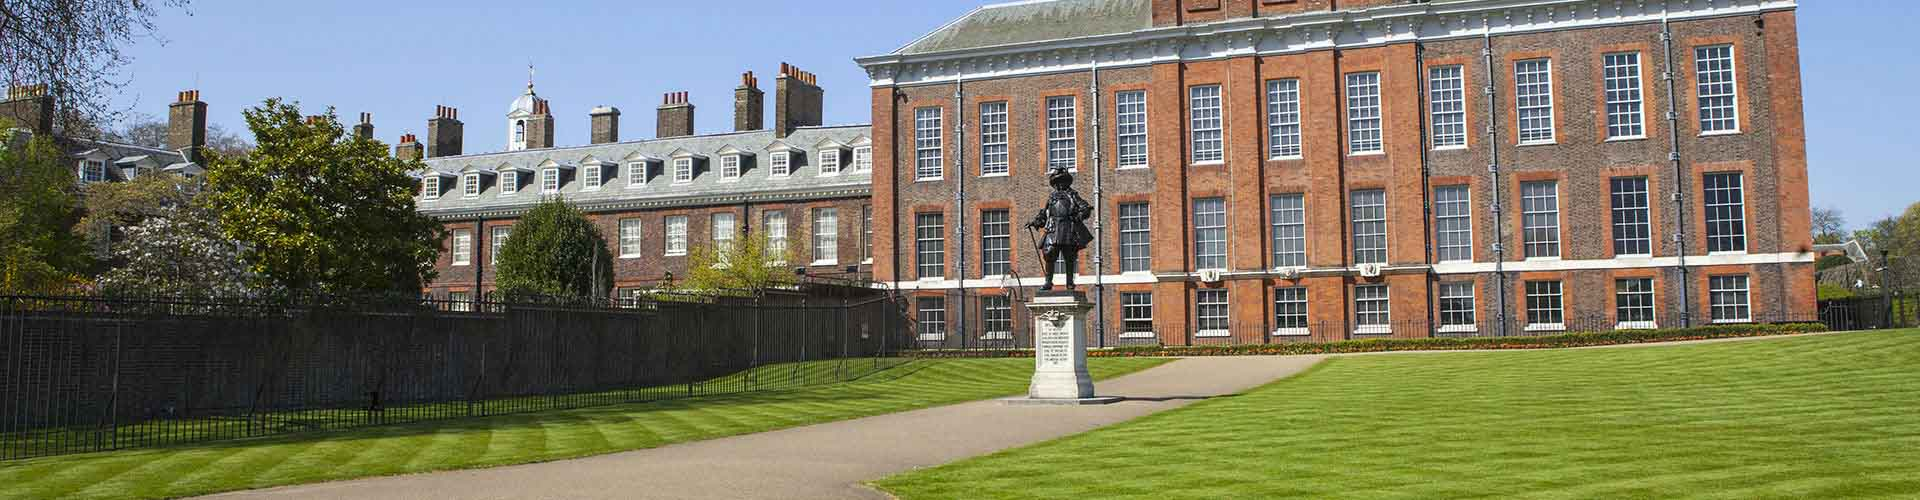 런던 - Kensington 지구의 호스텔. 런던의 지도, 런던에 위치한 호스텔 사진 및 후기 정보.